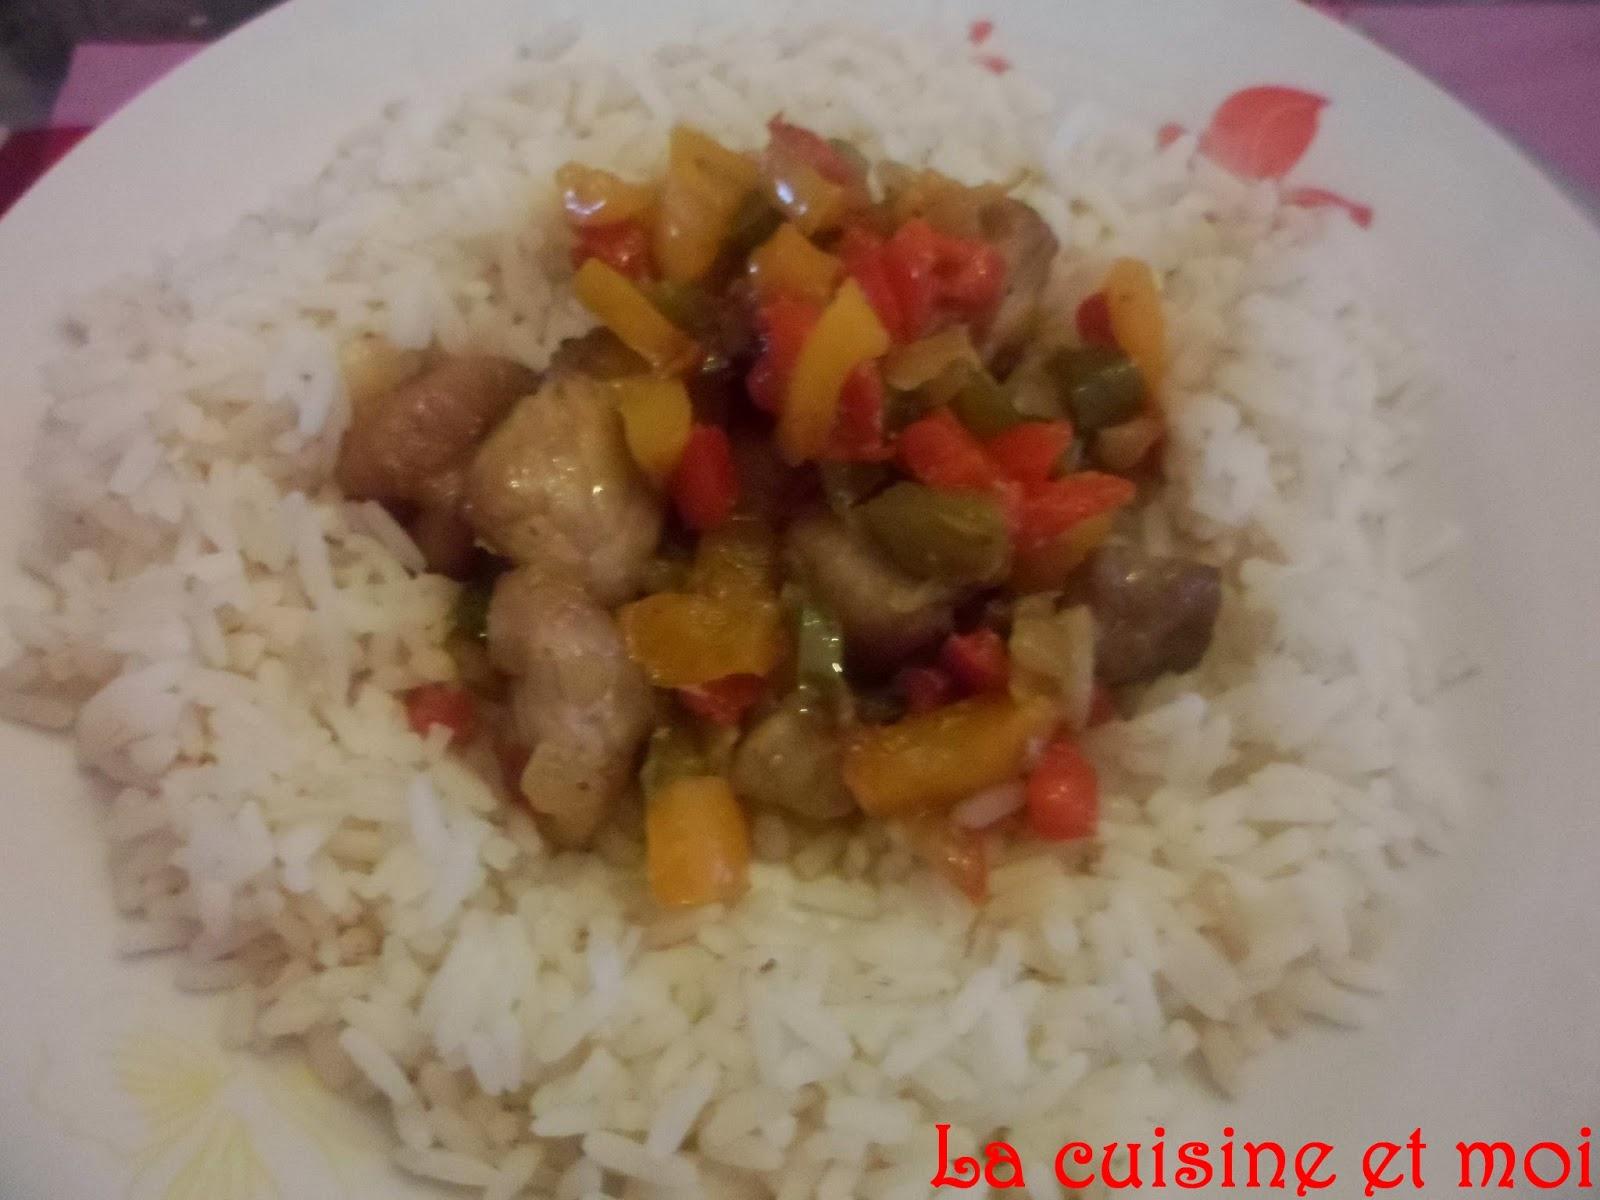 http://la-cuisine-et-moi.blogspot.fr/2014/03/filet-de-dinde-aux-3-poivrons-actifry.html